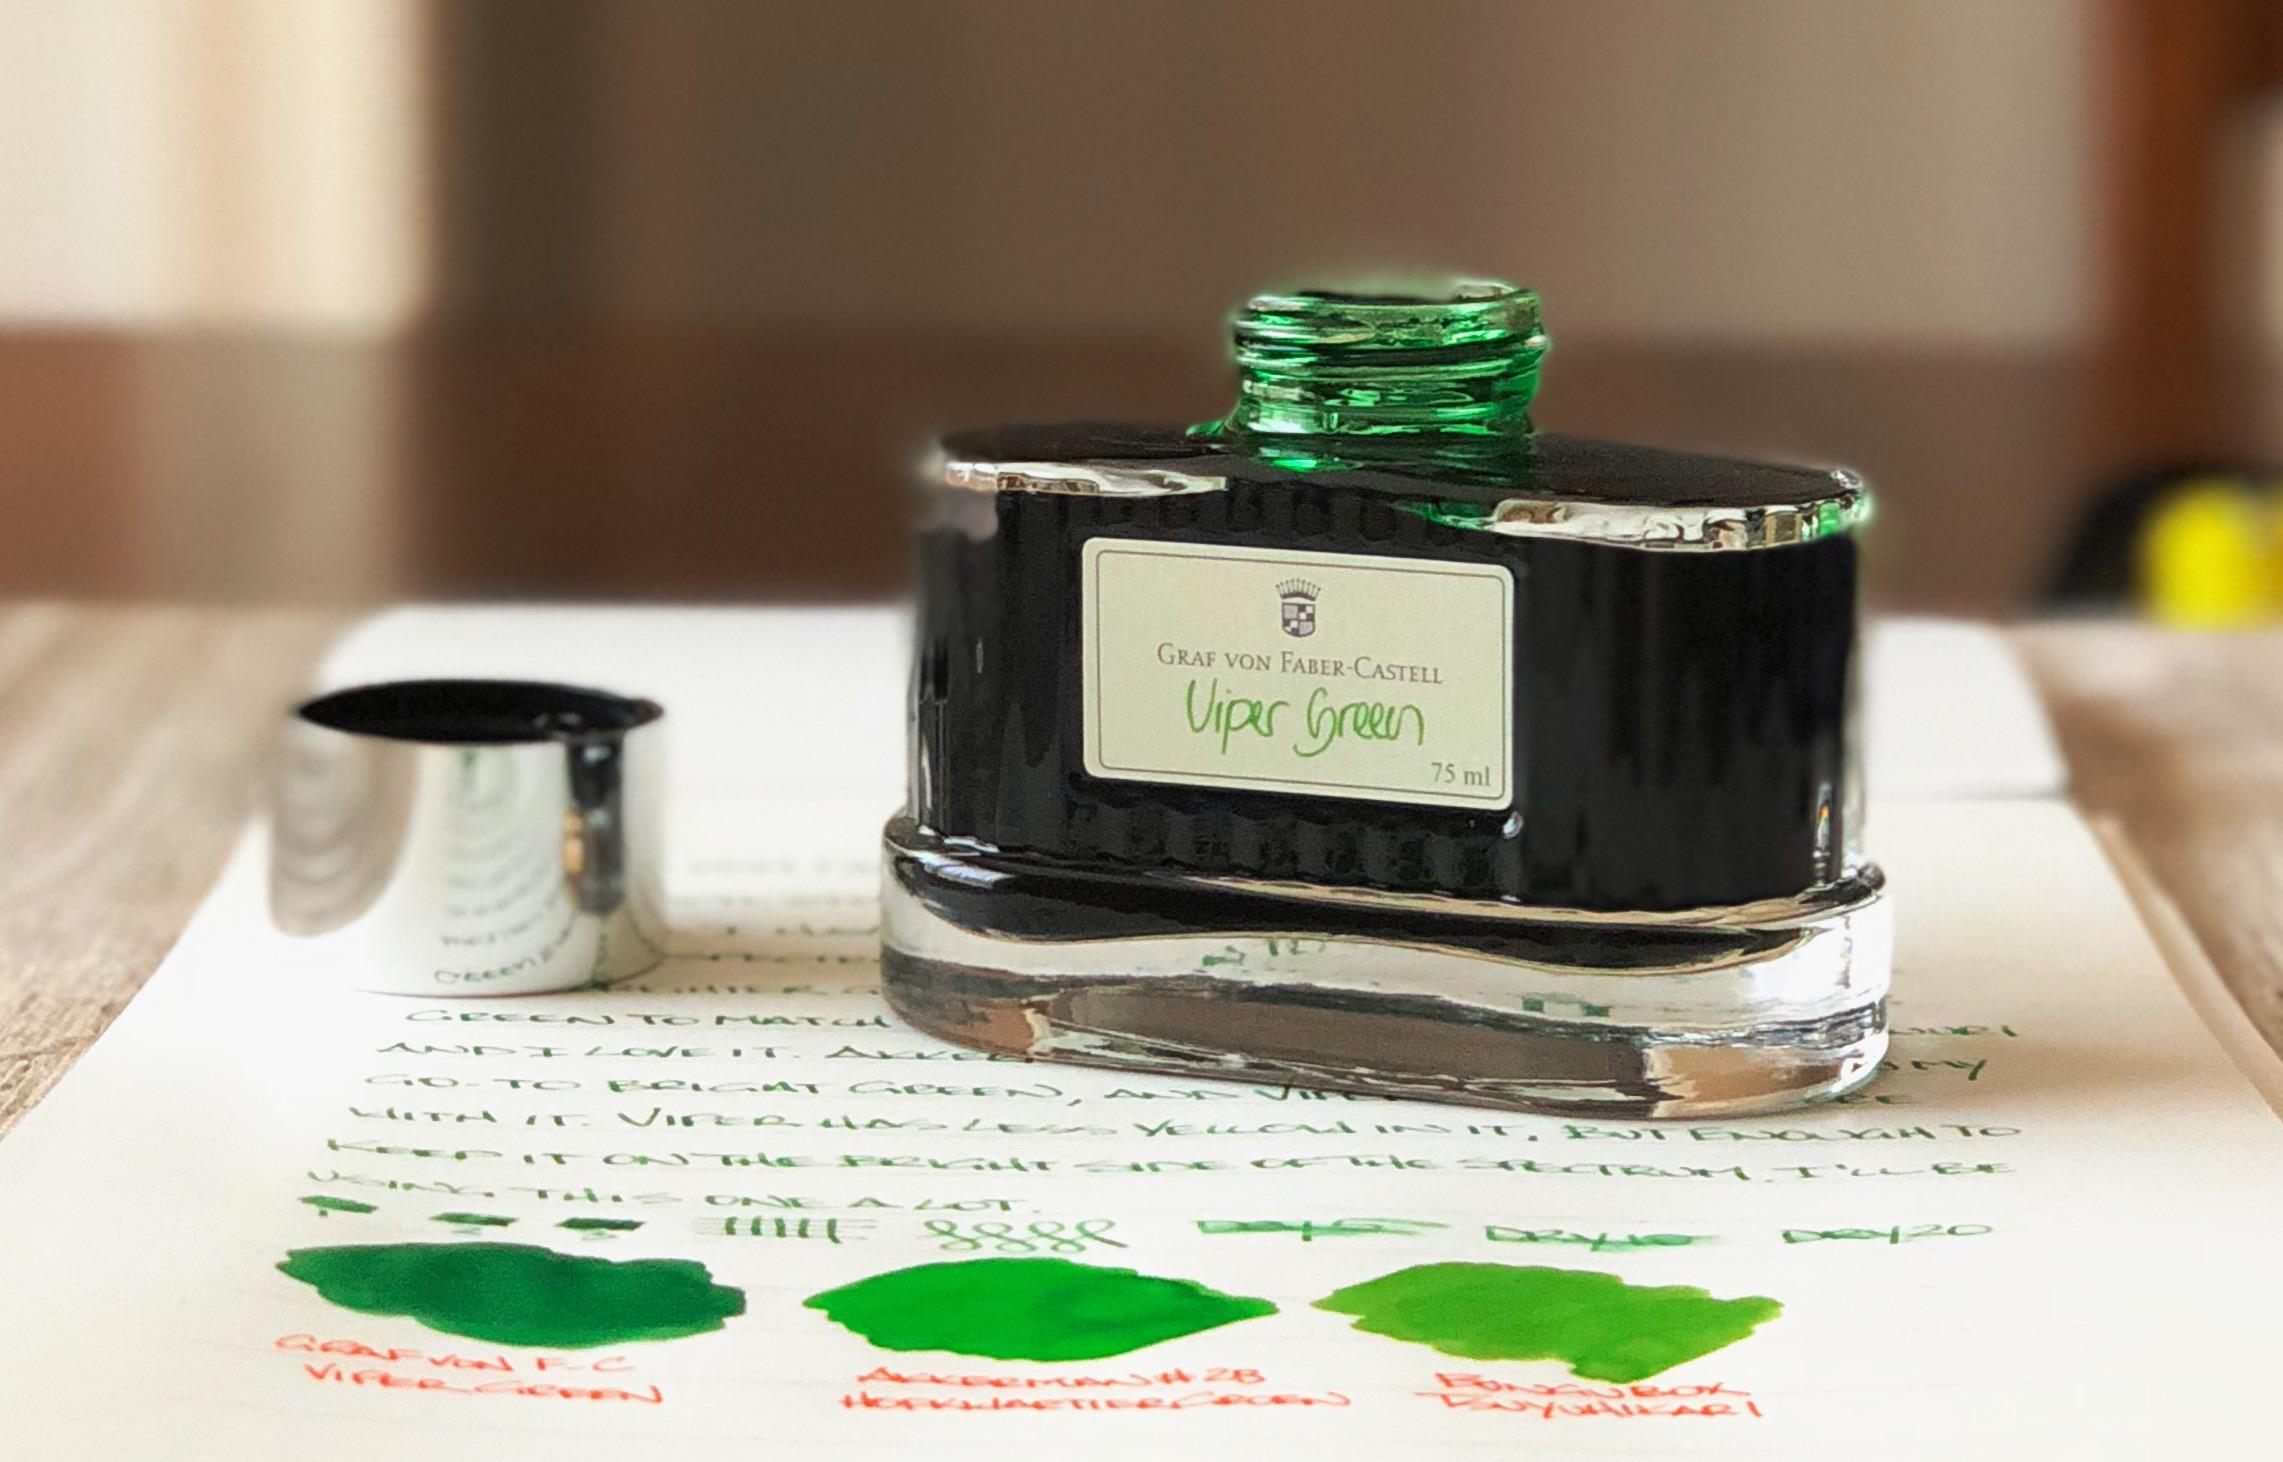 Graf von Faber Castell Viper Green Ink